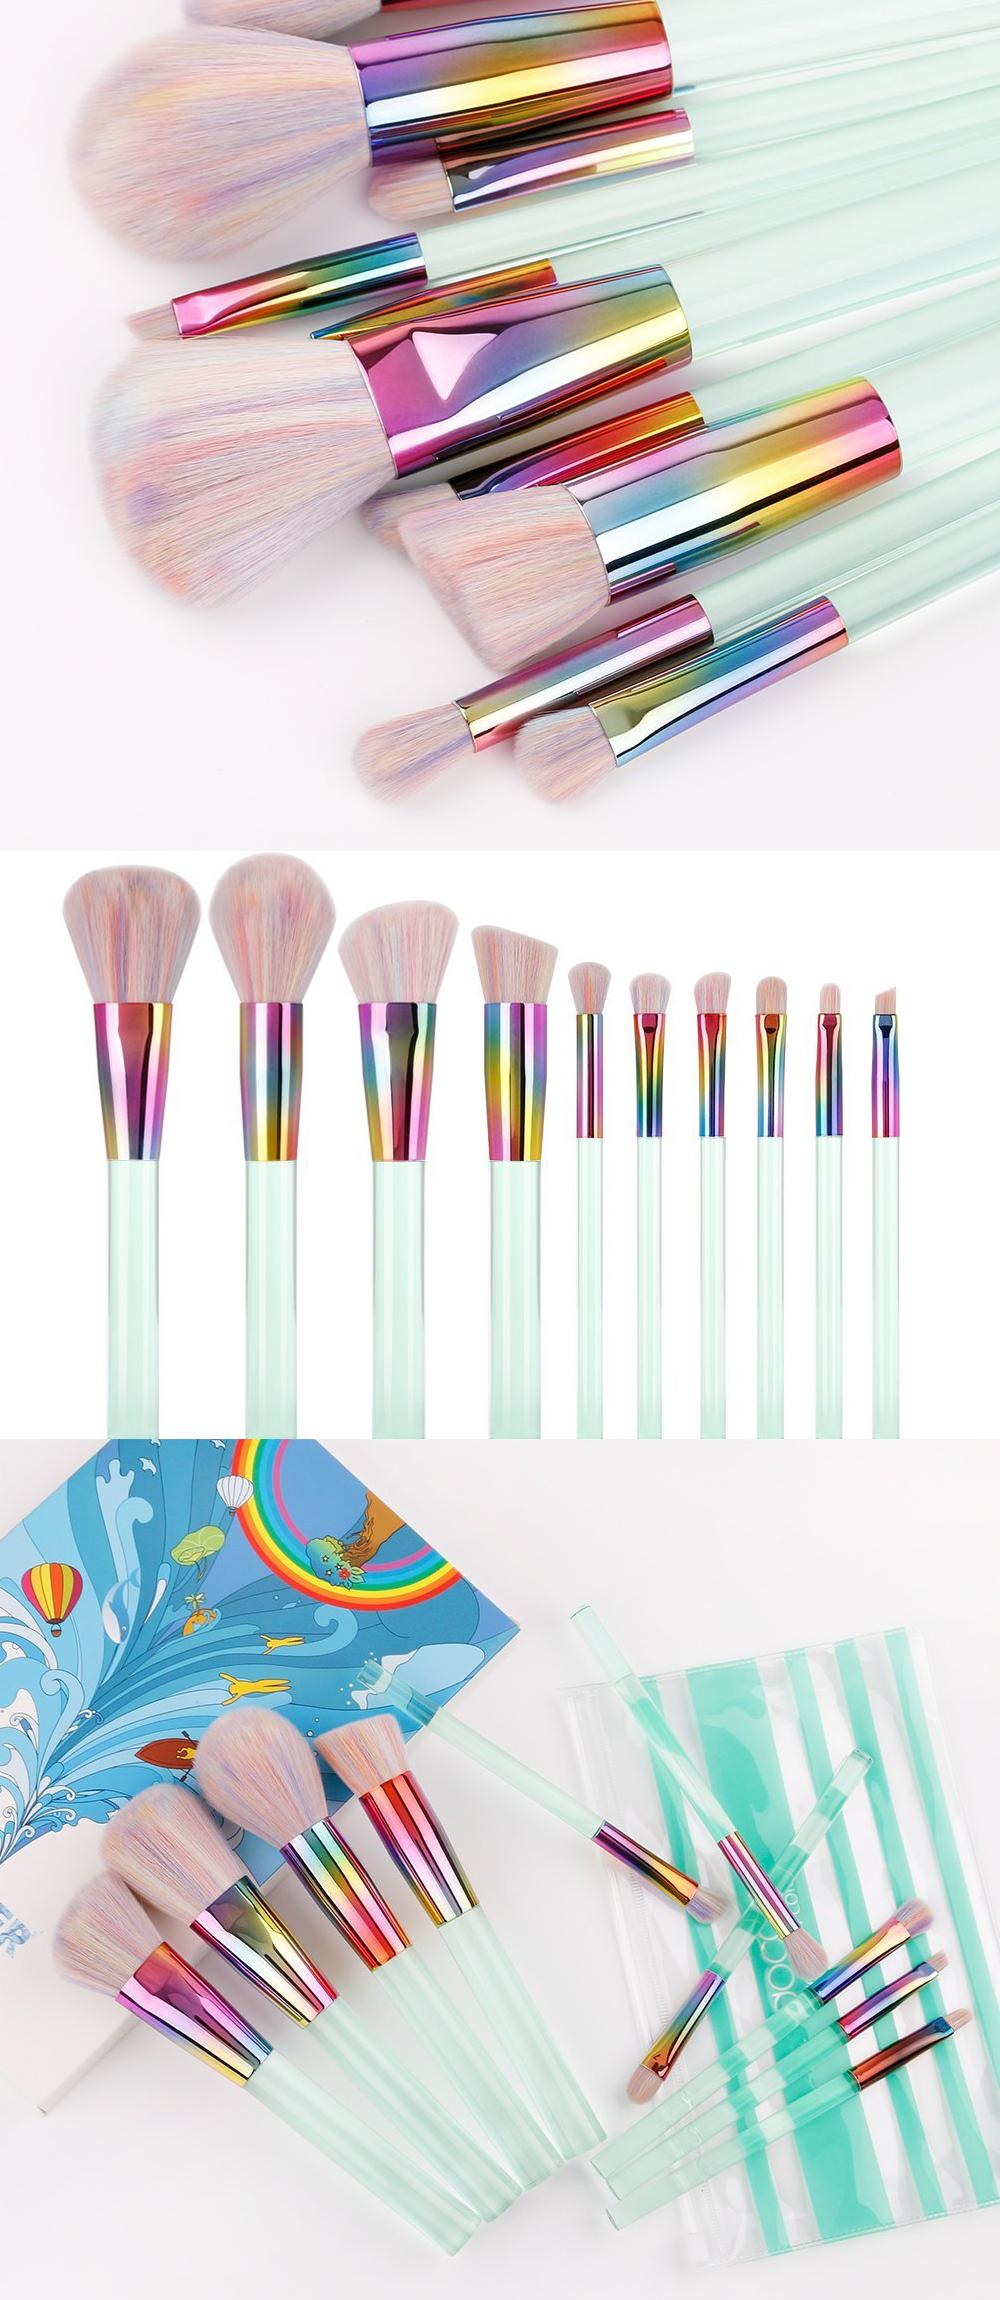 10 Piece Professional Makeup Kabuki Brush Set